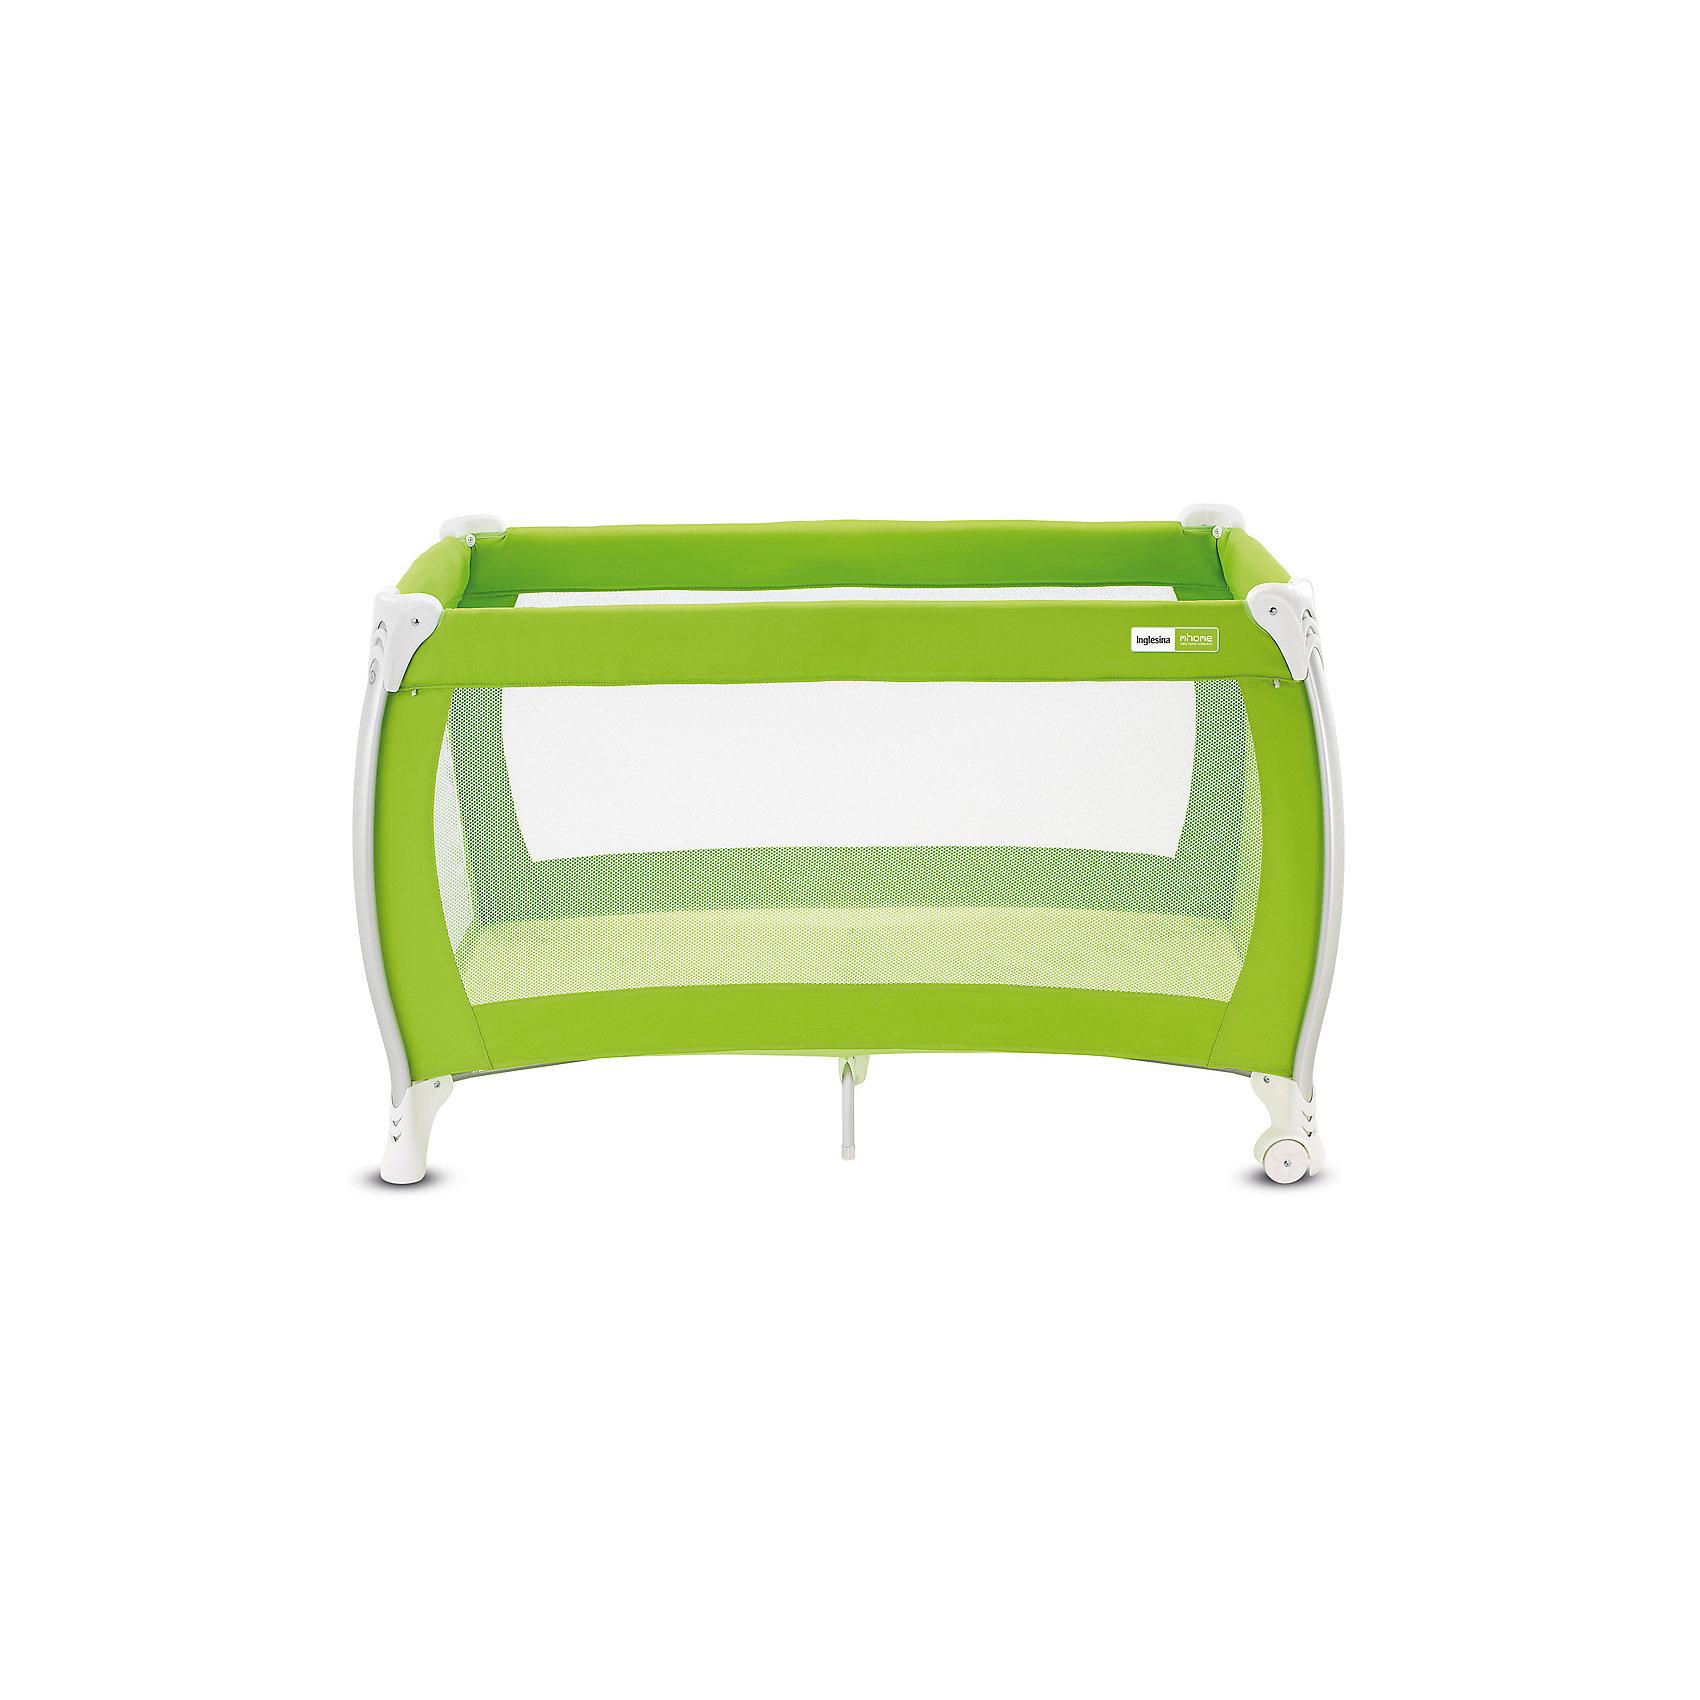 Манеж-кровать Lodge, Inglesina, limeМанежи-кроватки<br>Манеж-кровать Daily Plus - прекрасный вариант для малышей. Модель имеет 2 колесика со стопорами для удобного перемещения манежа. Стенки из сетчатого материала обеспечивают хорошую вентиляцию и обзор, дополнительные ножки-упоры гарантируют устойчивость и безопасность даже самым непоседливым малышам.  Манеж-кровать быстро и компактно складывается, колесики позволяют также перемещать модель в сложенном виде. В производстве изделия использованы только экологичные, безопасные для детей материалы. <br><br>Дополнительная информация:<br><br>- Материал: текстиль, пластик, металл. <br>- Размер: 79x126x72 см. <br>- Размер в сложенном виде: 26x79x26 см. <br>- 2 колесика для удобного перемещения.<br>- Дополнительные ножки-упоры. <br>- Регулировка по высоте (в 2 положениях).<br>- Легко и компактно складывается. <br>- Боковая дверца на молнии. <br>- Для детей от рождения и до 3 лет (весом до 14 кг).<br>- Комплектация: кроватка, основание под матрас, матрас <br>опоры для верхнего яруса,  трубы для дна верхнего яруса <br>москитная сетка,  сумка для транспортировки кроватки,  боковой карман.<br><br>Манеж-кровать Lodge, Inglesina (Инглезина), можно купить в нашем магазине.<br><br>Ширина мм: 250<br>Глубина мм: 250<br>Высота мм: 805<br>Вес г: 10300<br>Возраст от месяцев: 0<br>Возраст до месяцев: 36<br>Пол: Унисекс<br>Возраст: Детский<br>SKU: 4764281